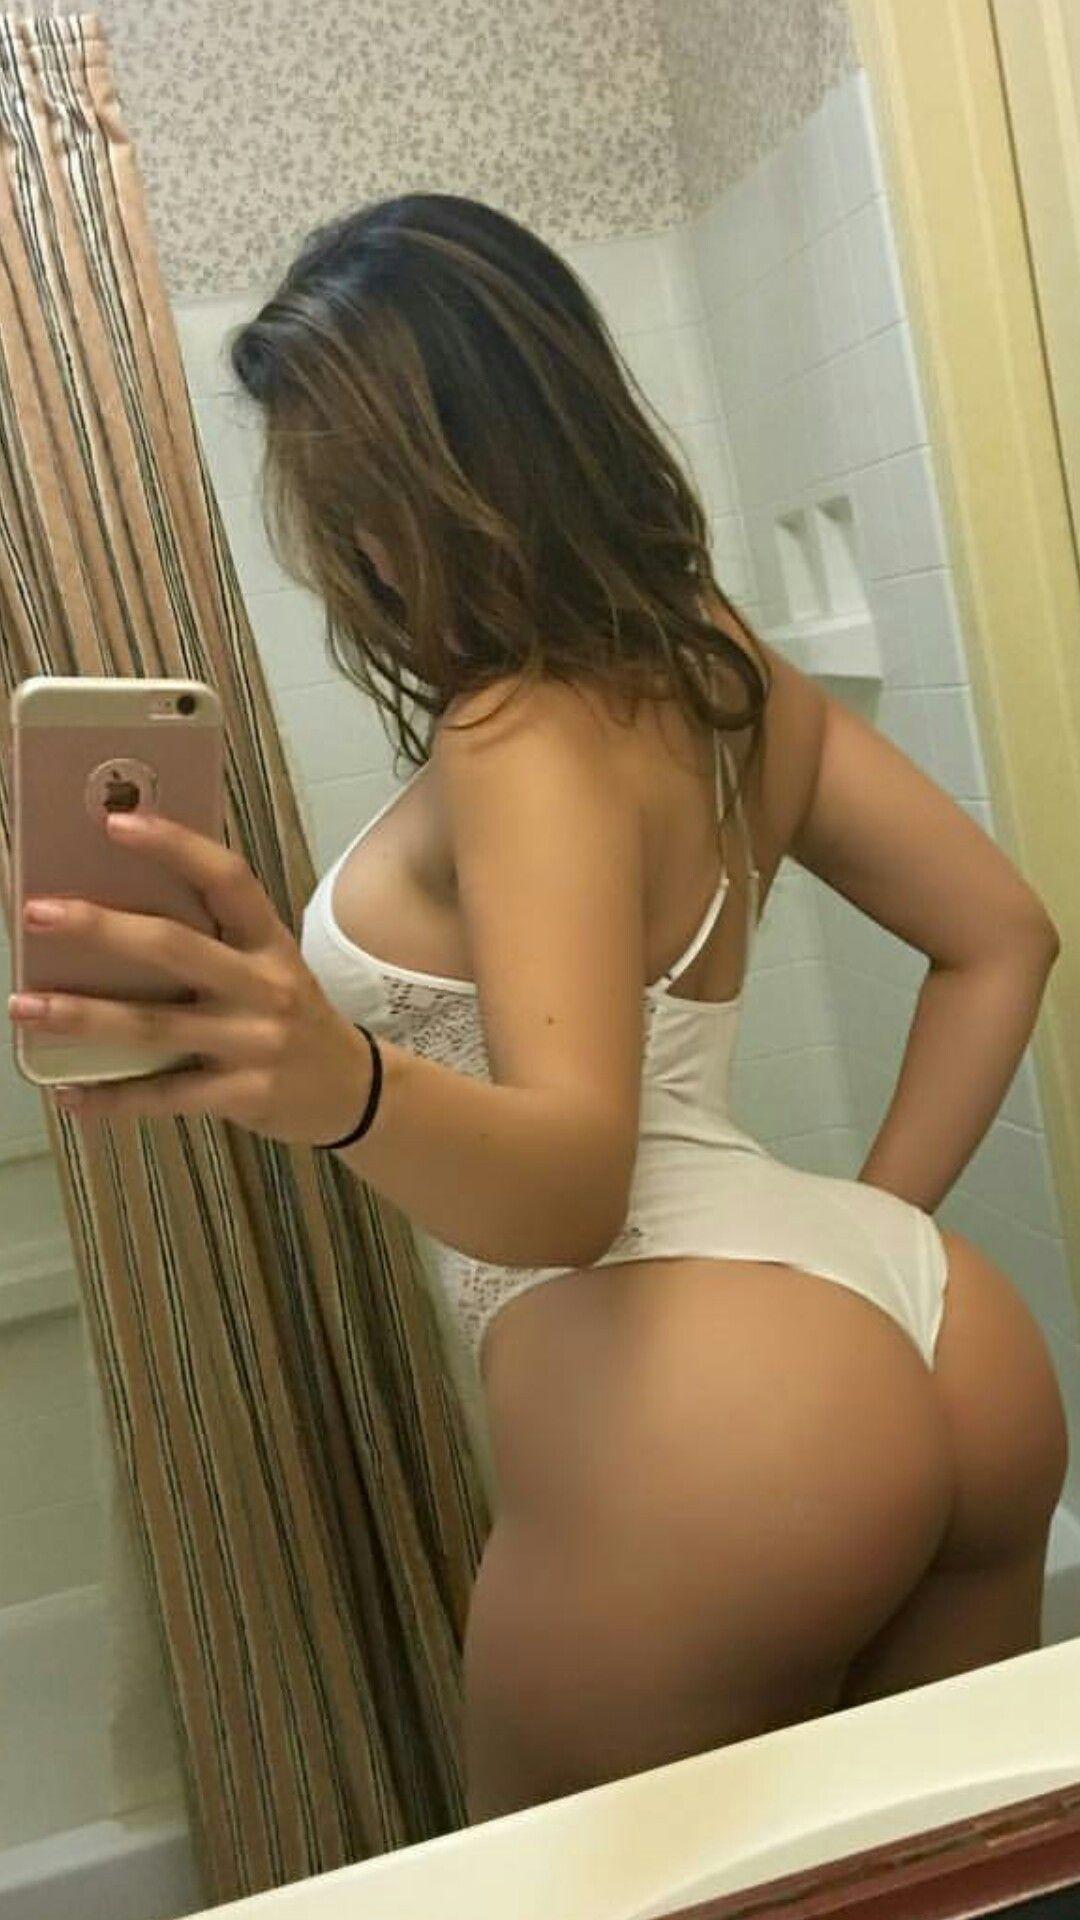 leah remini nackt bilder